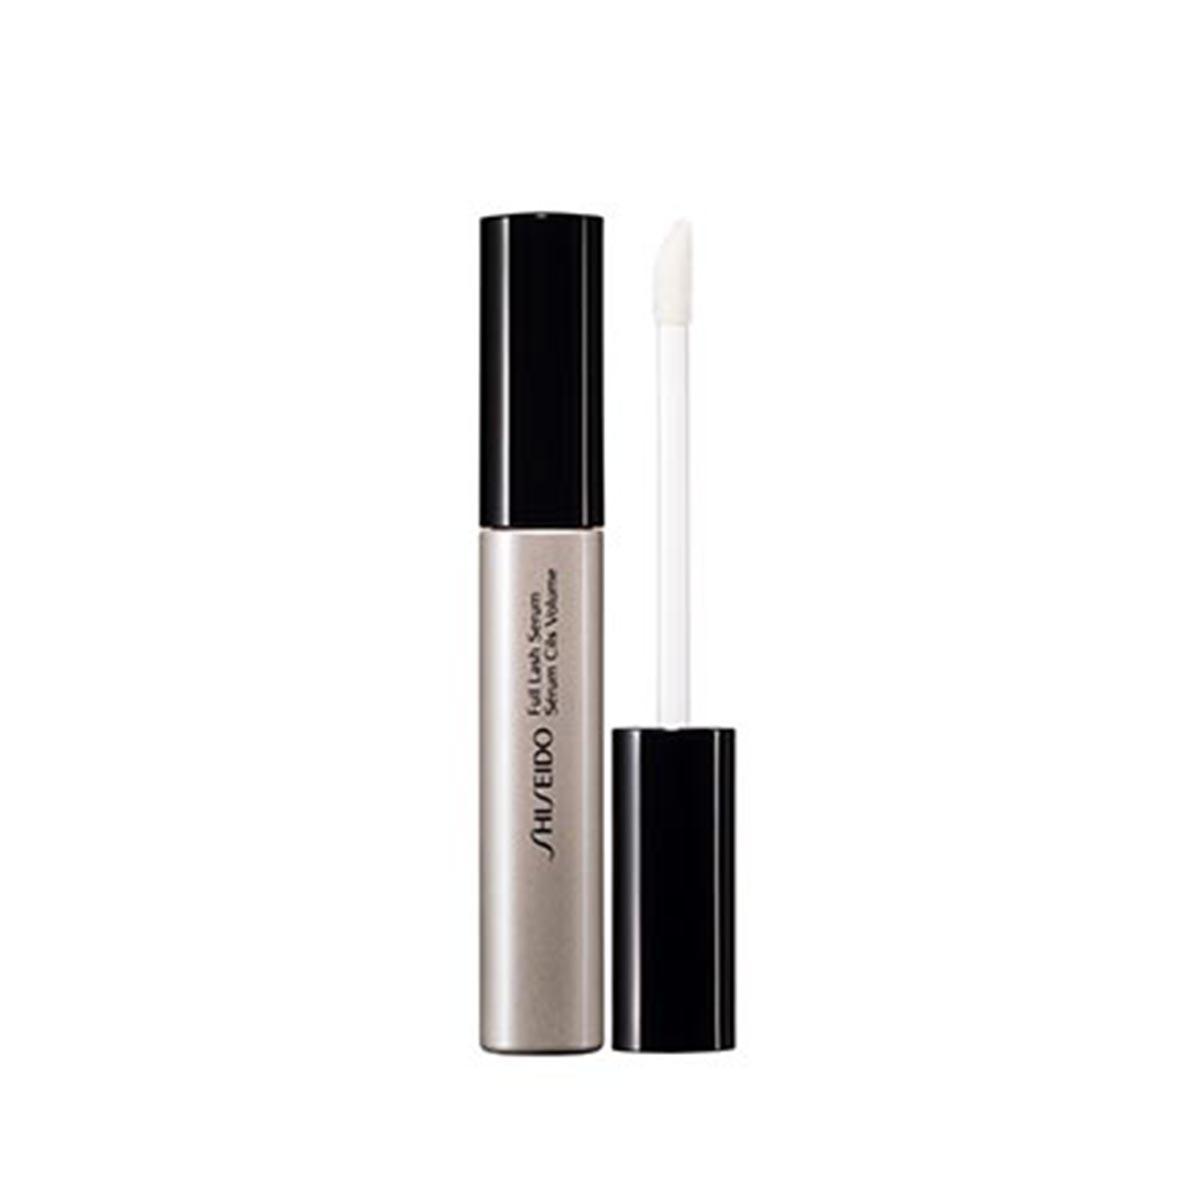 Shiseido full lash serum 6ml